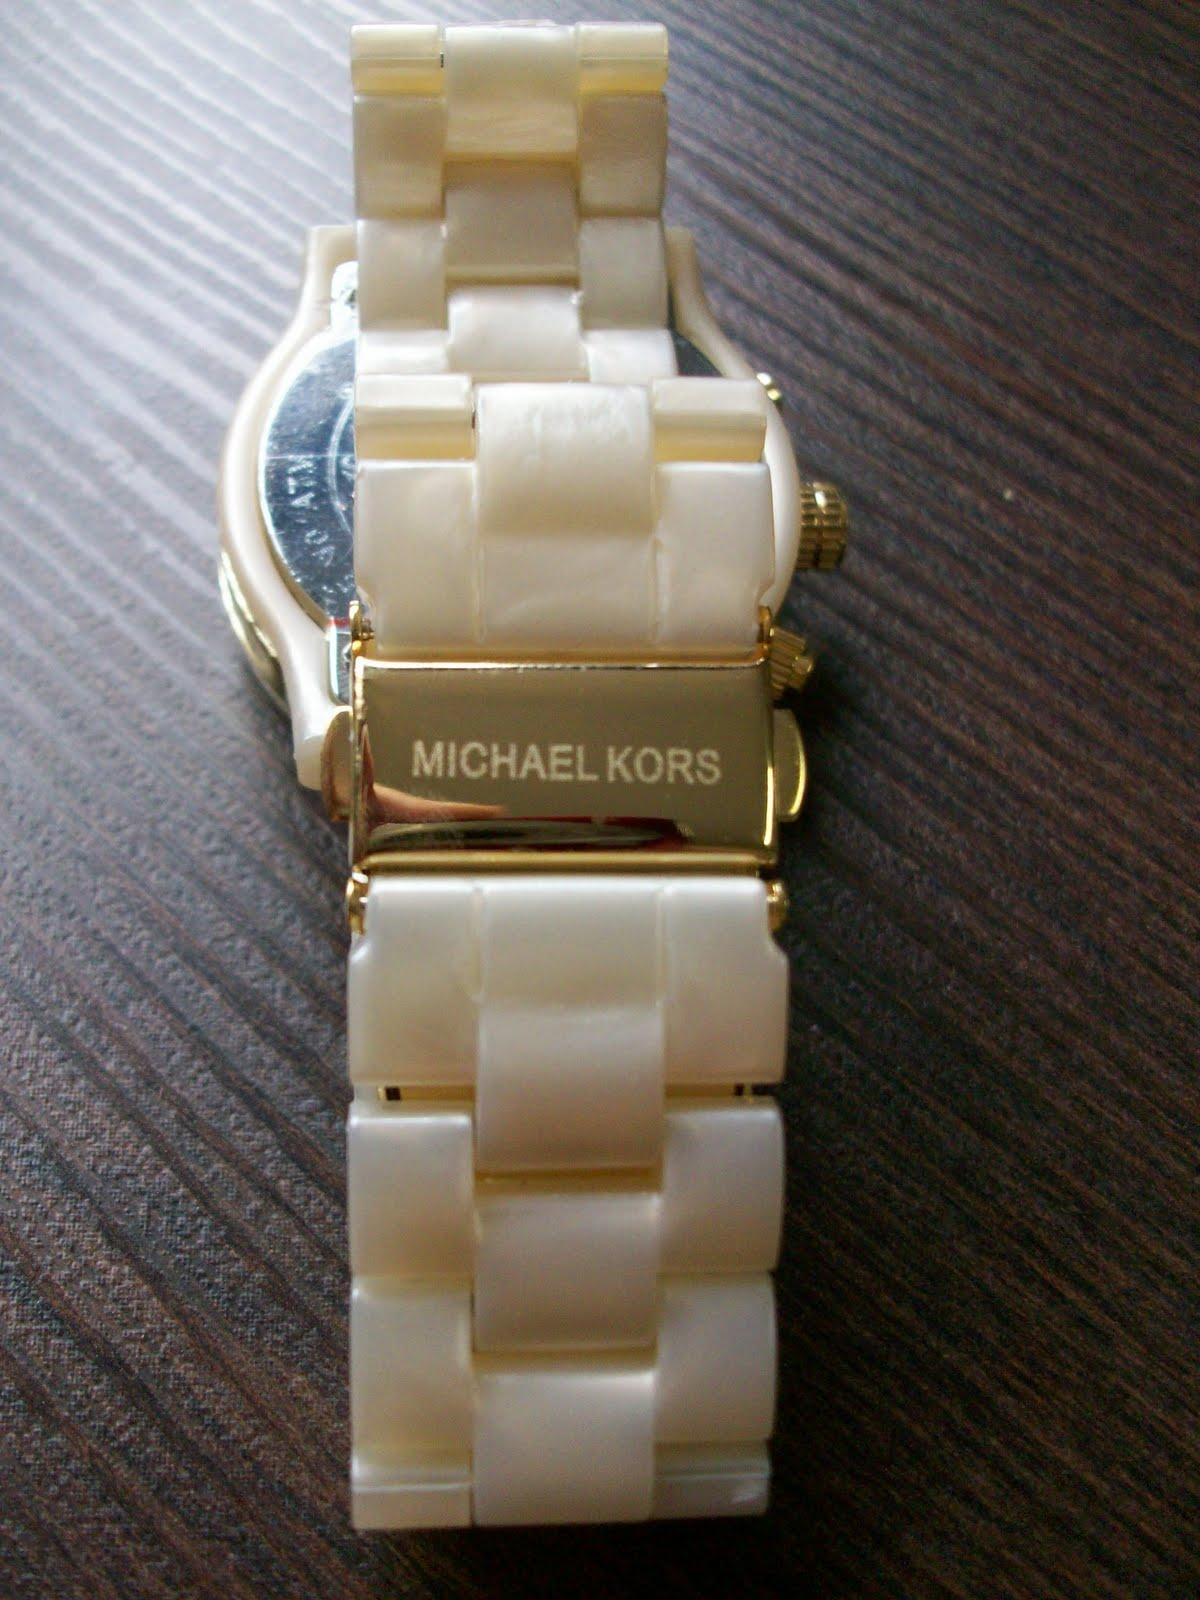 72523e0c771 Dêem uma olhada em algumas fotos do Michael Kors todo madrepérola